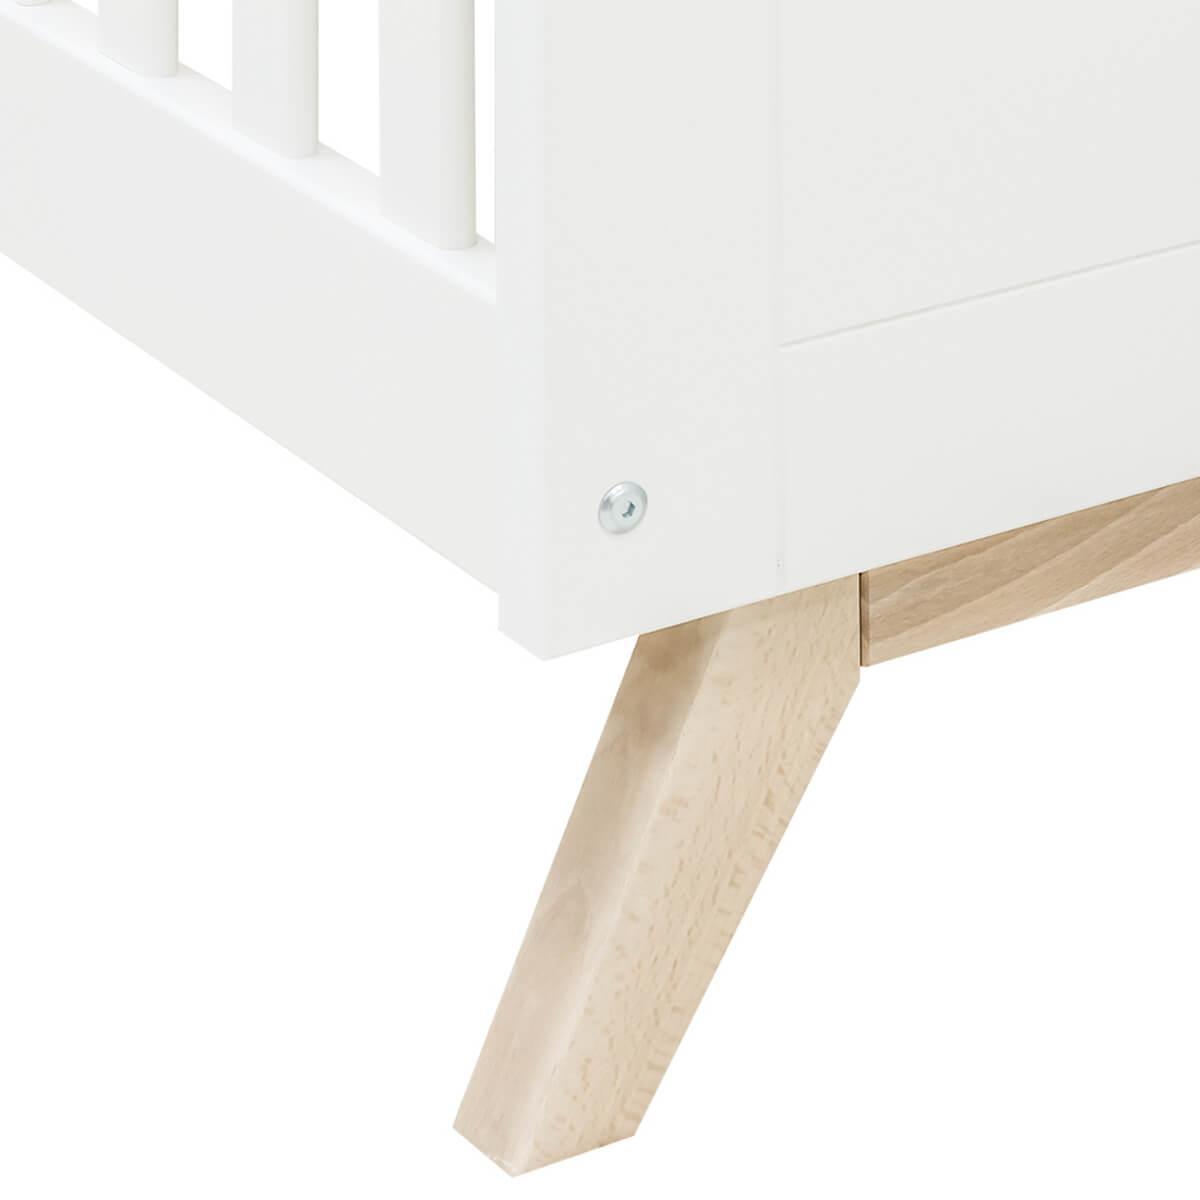 Lit bébé évolutif 70x140cm FENNA Bopita blanc-naturel